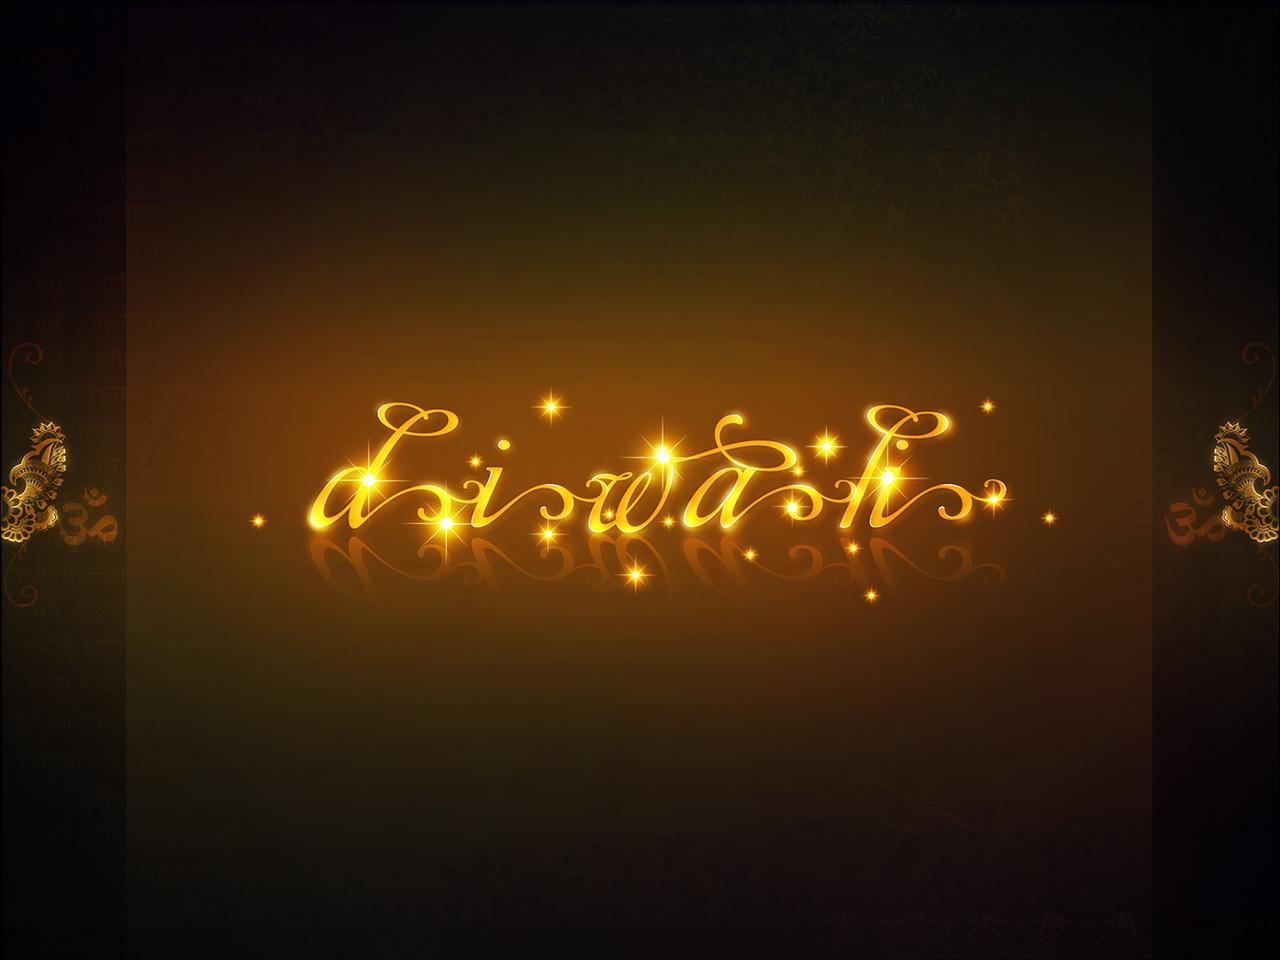 http://3.bp.blogspot.com/-wZomhRHs7AA/TnnVh1KBhRI/AAAAAAAAAaA/BhTVVshg9BU/s1600/Diwali-beautiful-wallpapers.jpg